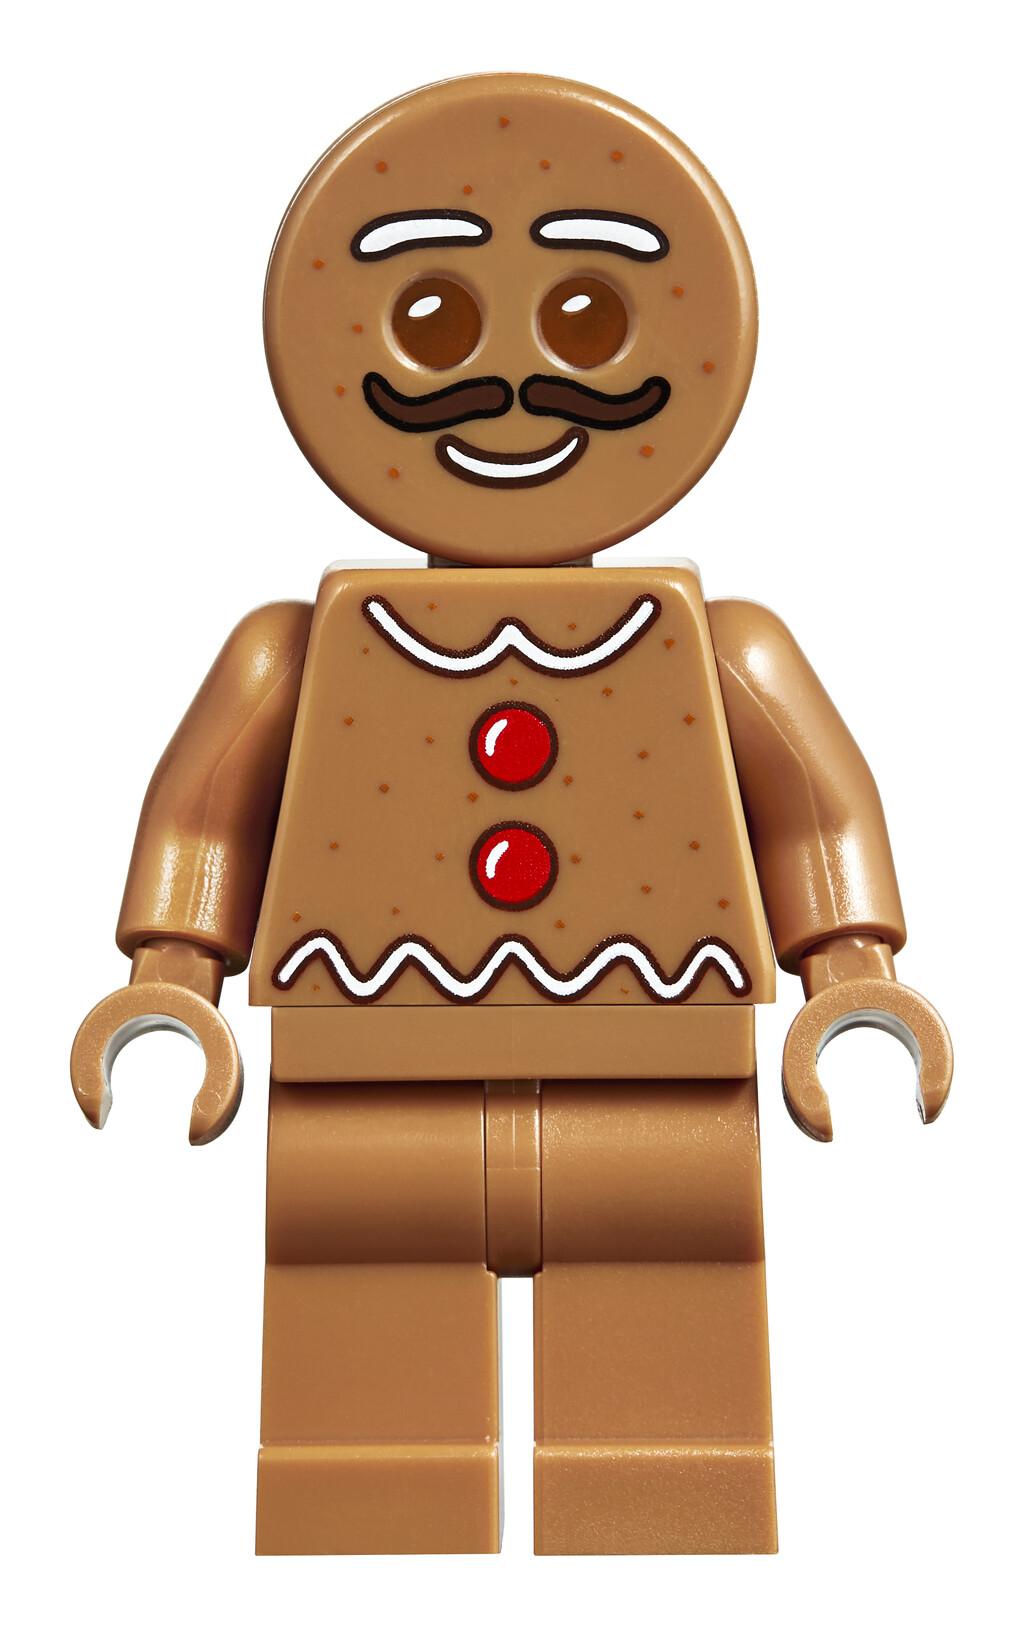 lego-creator-expert-10267-lebkuchenhaus-gingerbread-house-2019-mann zusammengebaut.com